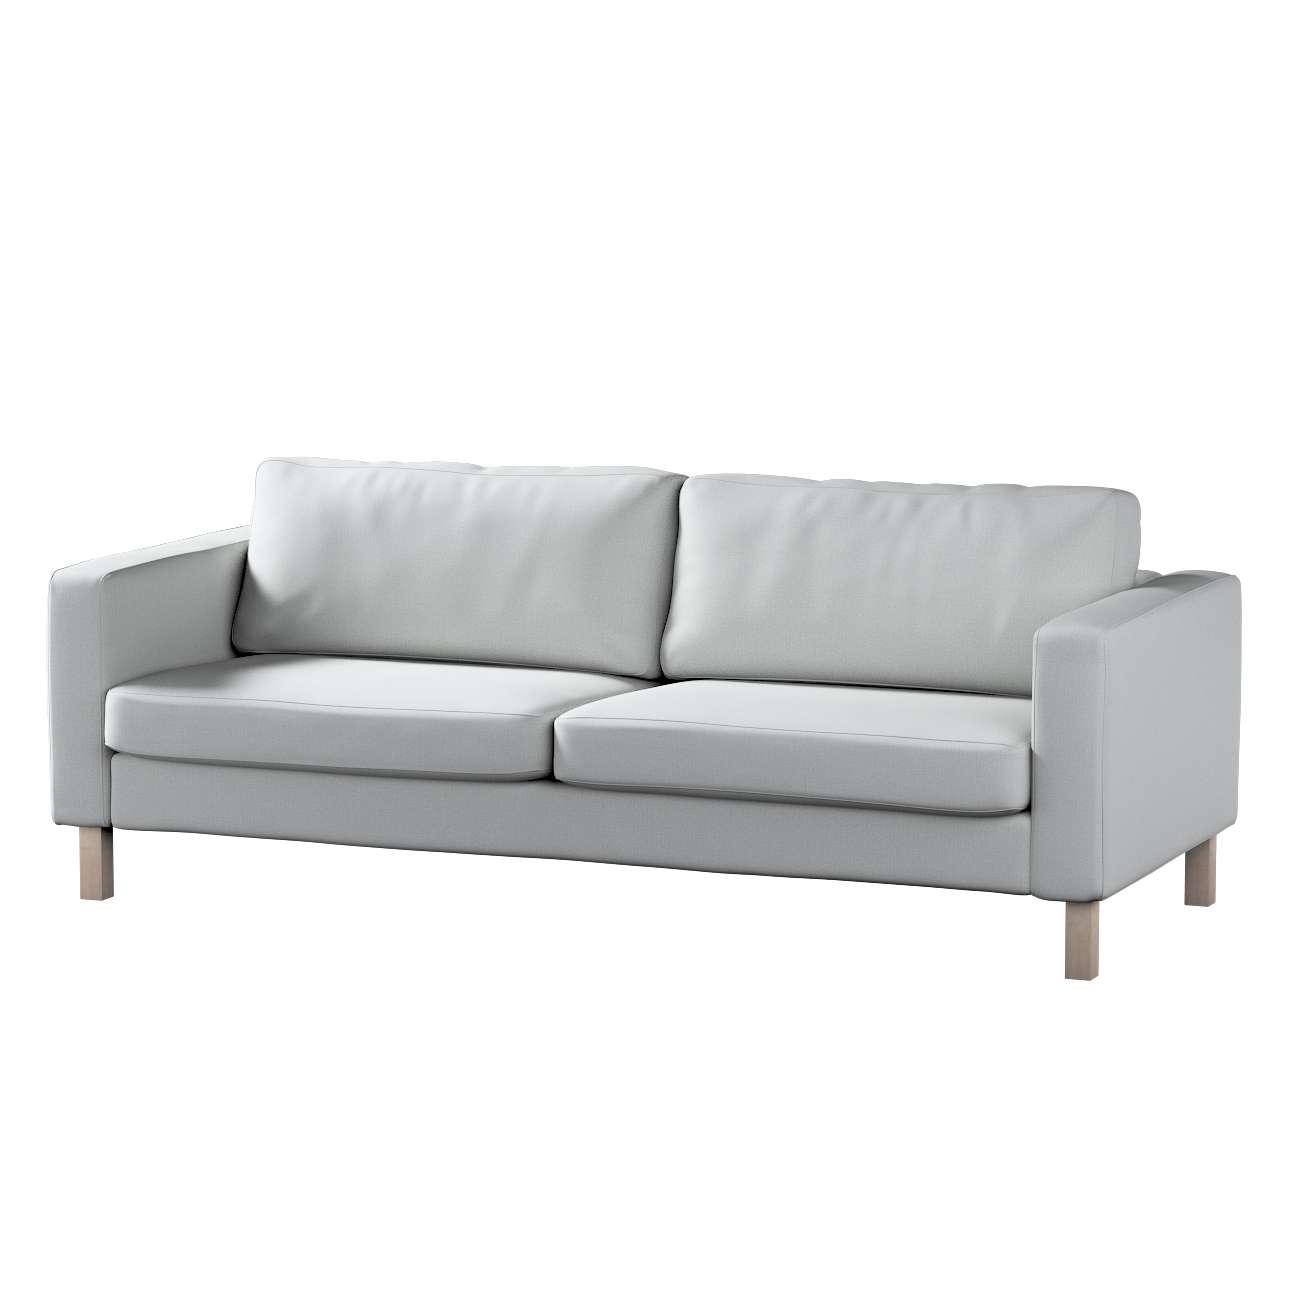 Potah na pohovku IKEA Karlstad, 3-místná, rozkládací v kolekci Living II, látka: 161-18